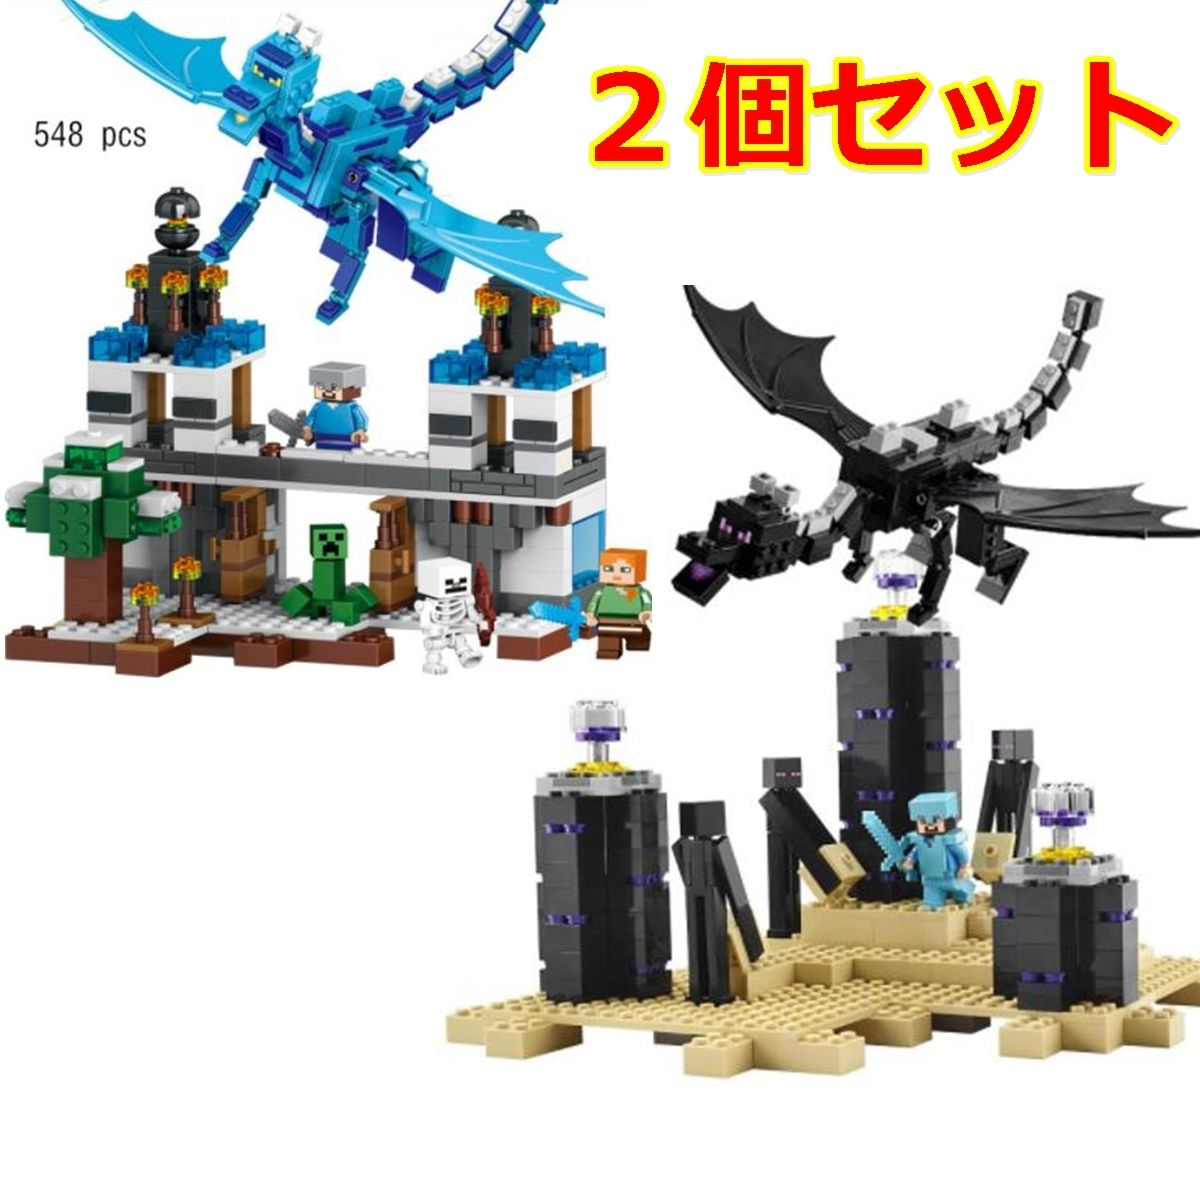 レゴ風 マインクラフト 21117 エンダードラゴン おもちゃ ブラック + ブルー ミニフィグ lego minecraft レゴ互換 マイクラ 販売店 人形 lepin ブロック パーツ 人気